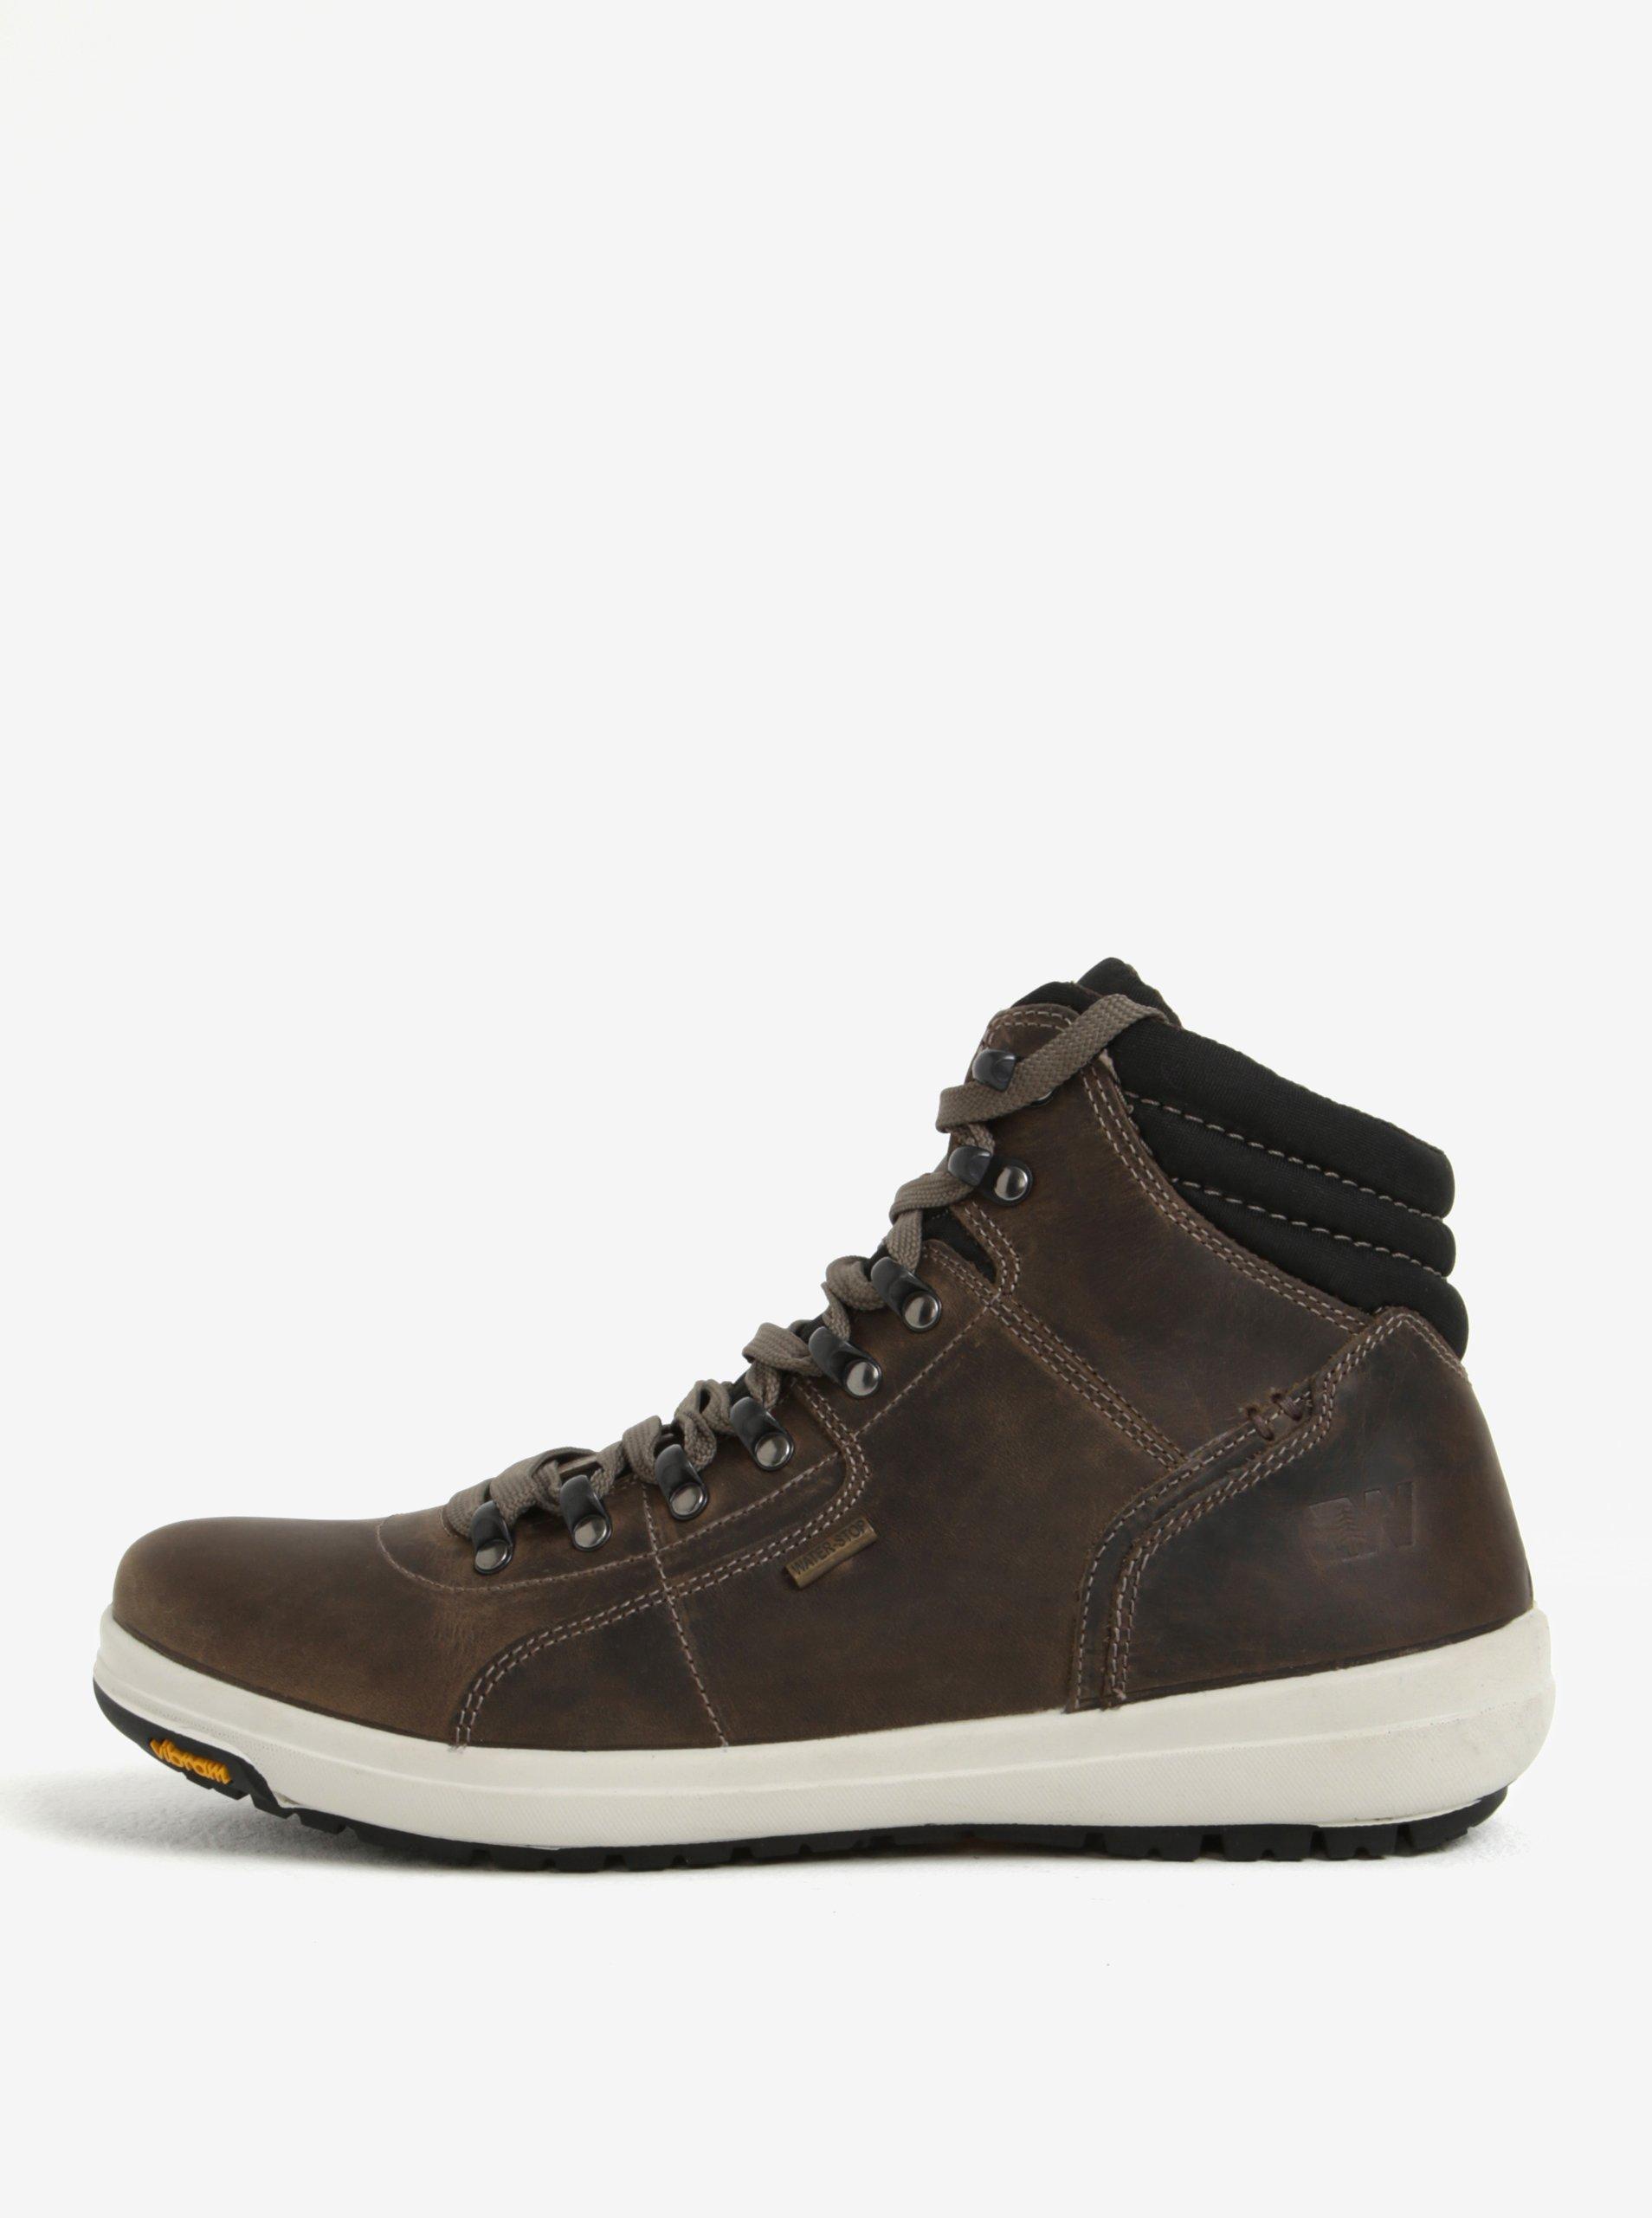 Hnědé pánské voděodolné kožené boty Weinbrenner